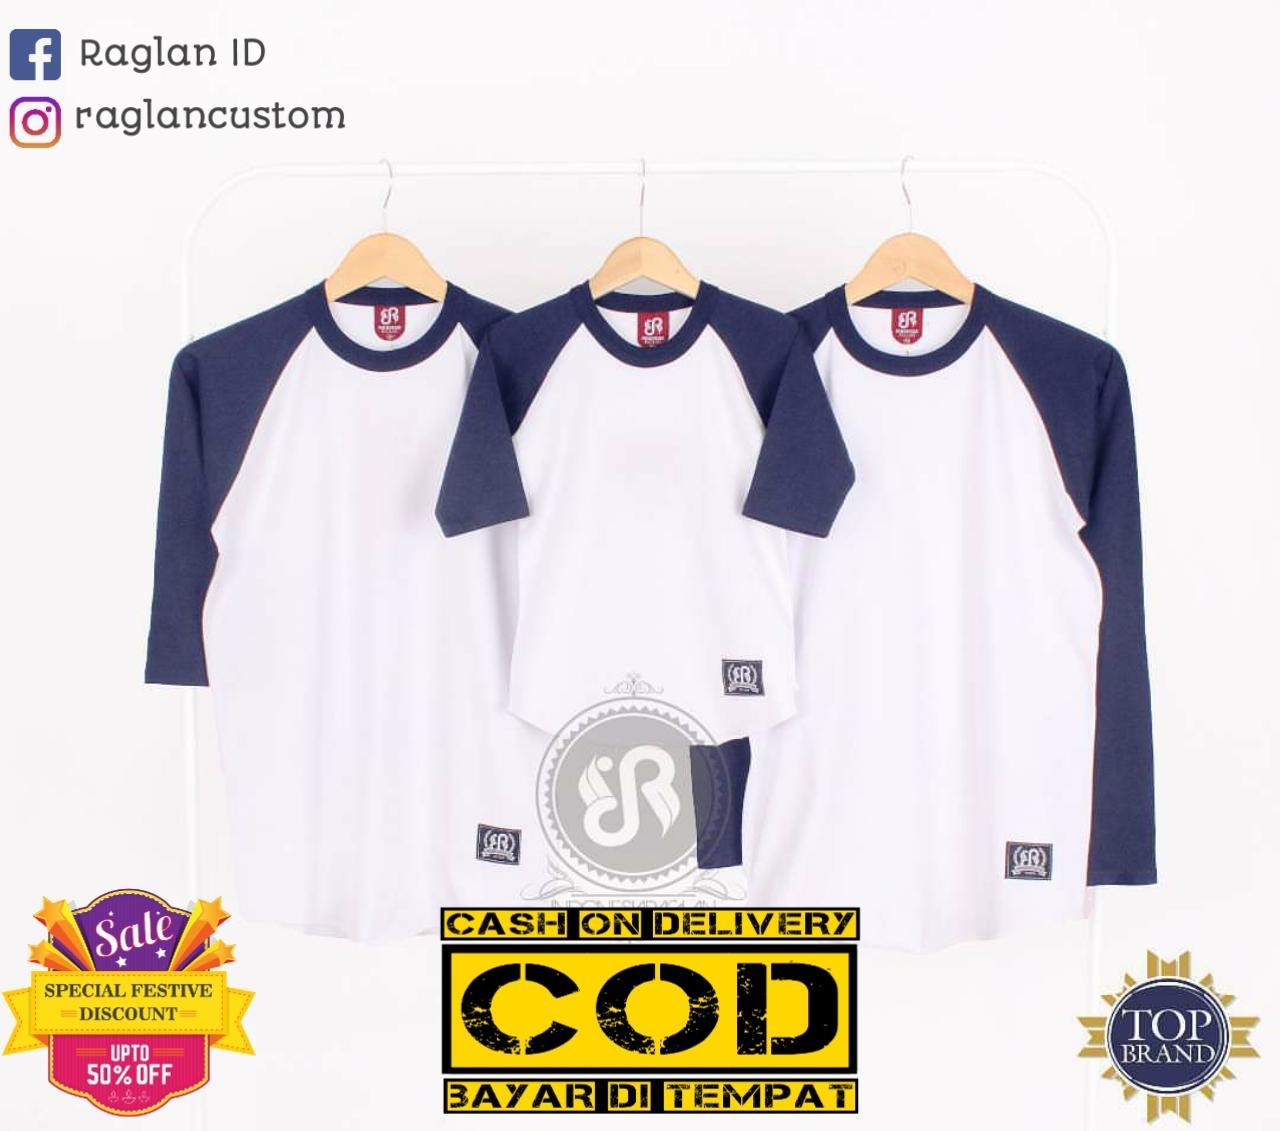 [COD] Kaos Raglan IDR Putih Dongker Combed 30s Kualitas Premium Basic Dewasa 3/4 atau Panjang dan basic Anak